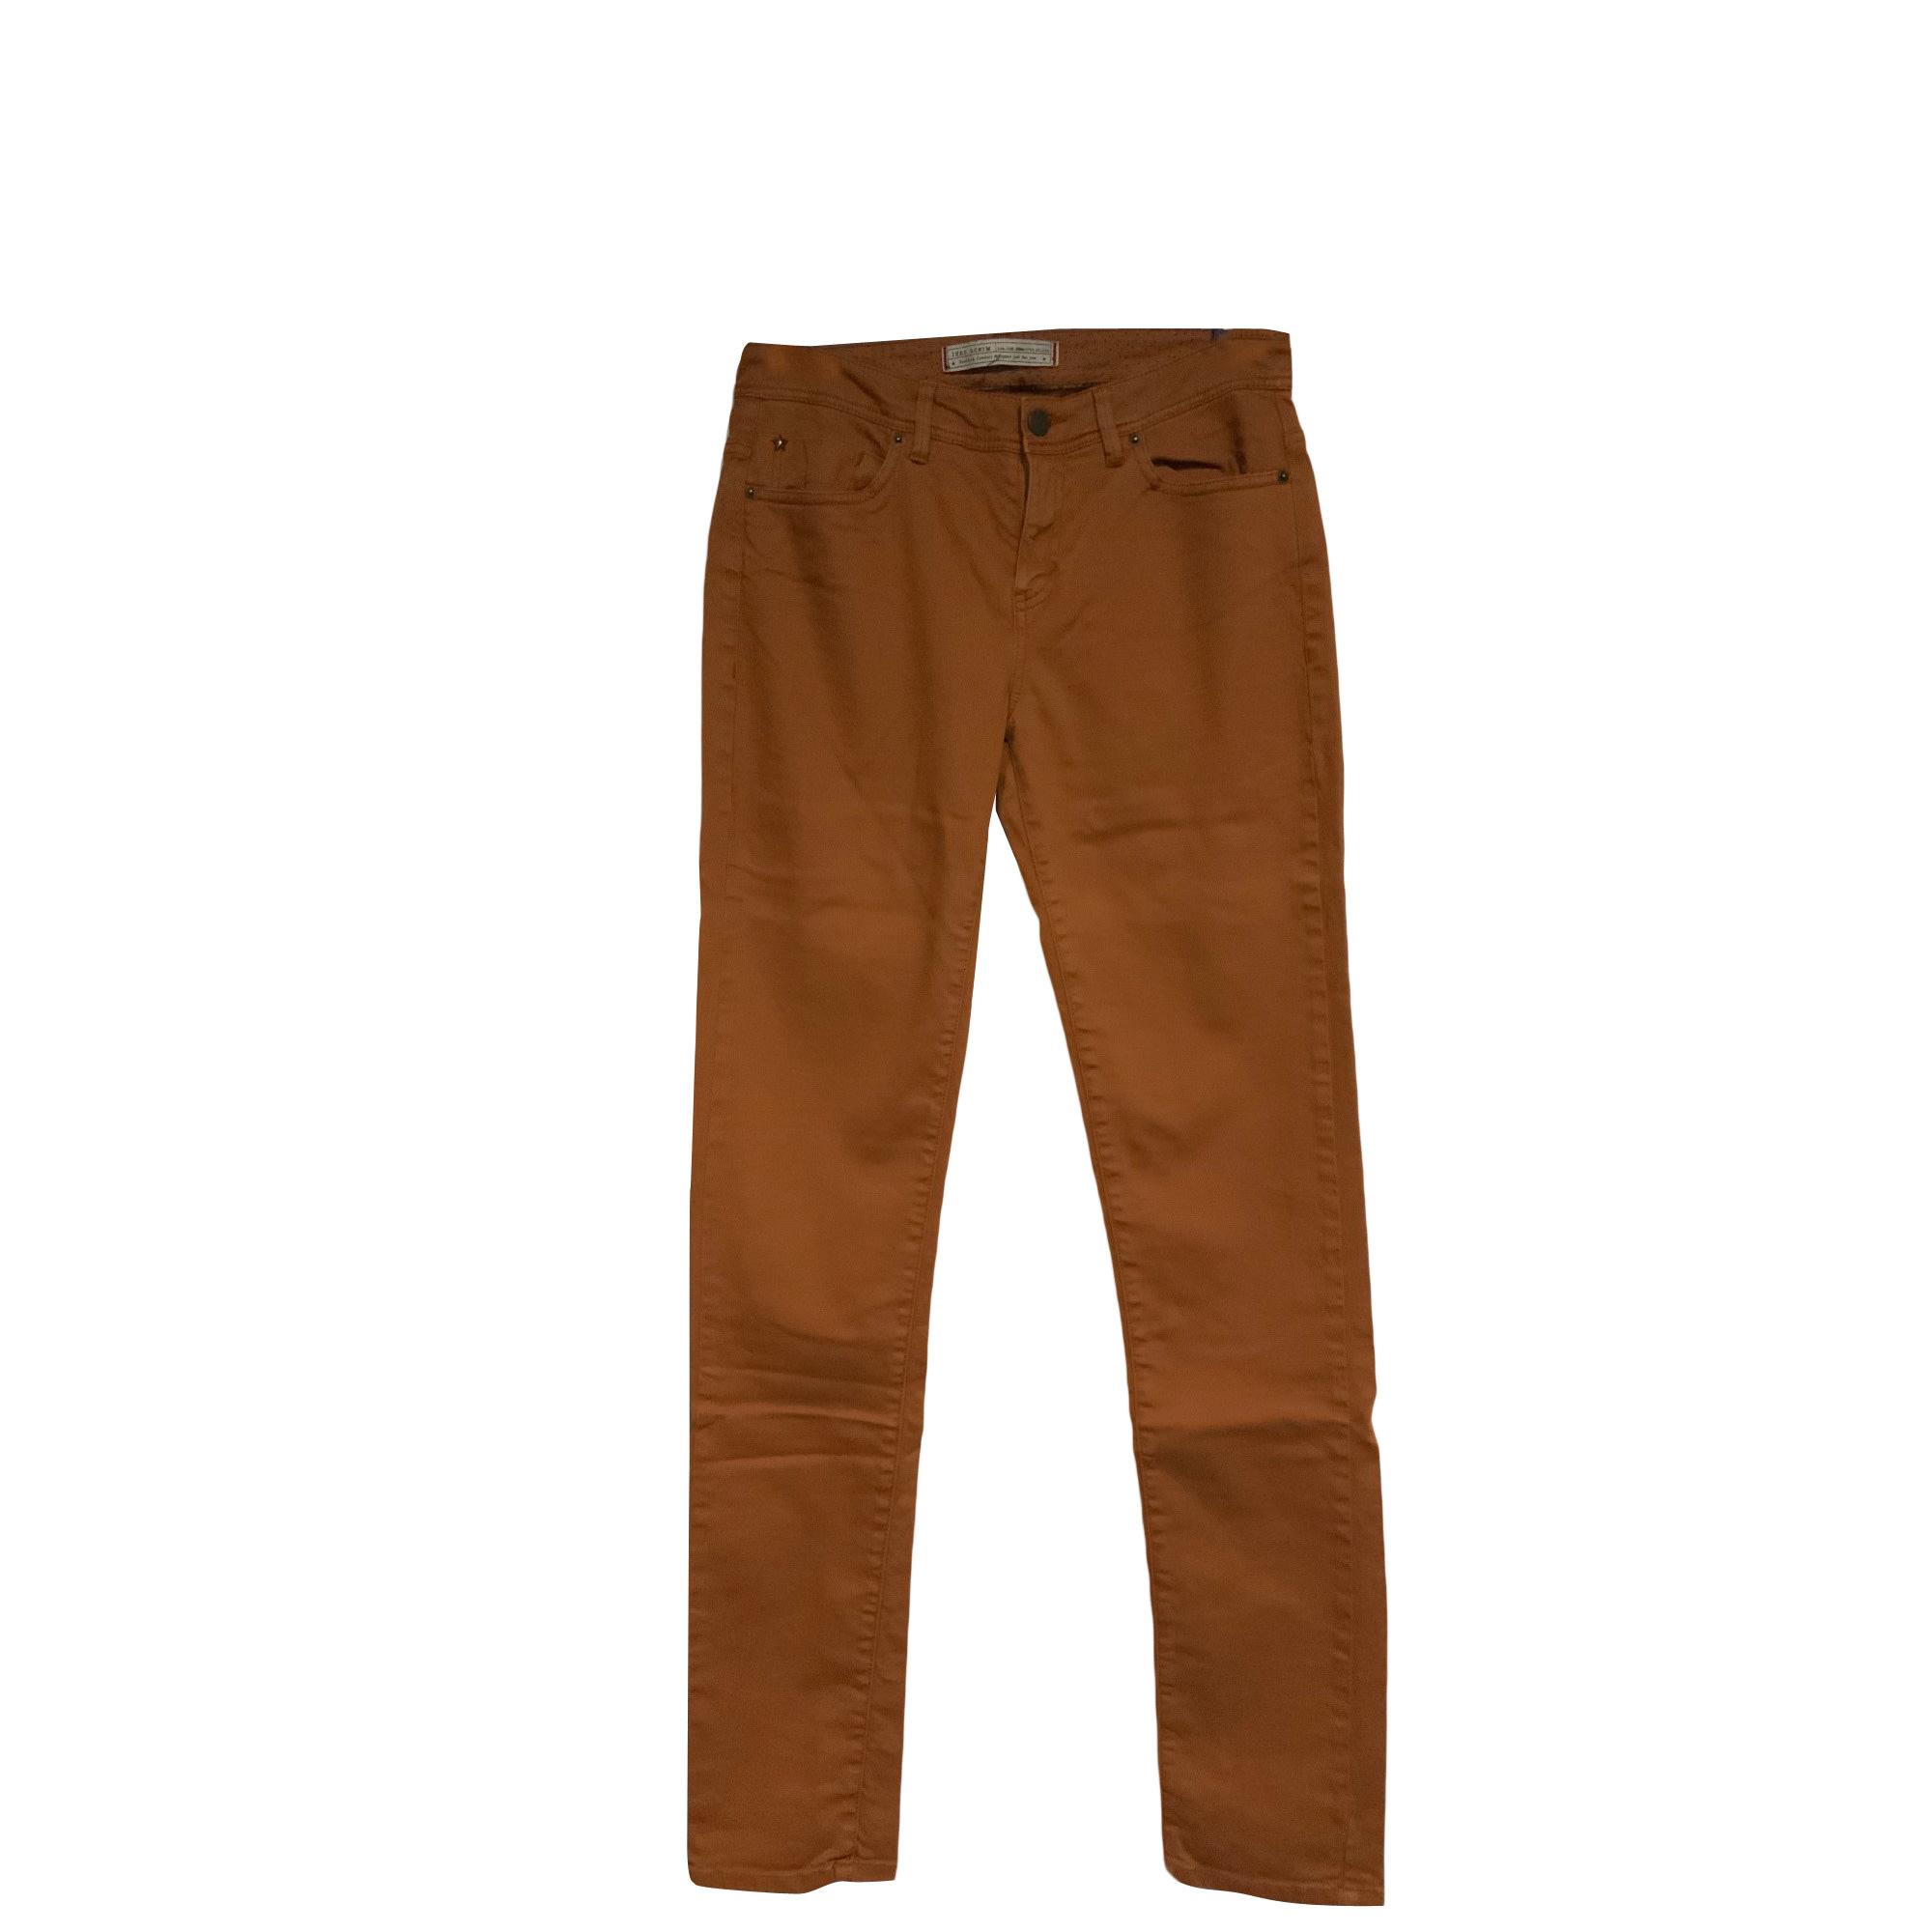 Pantalon slim, cigarette IKKS Beige, camel